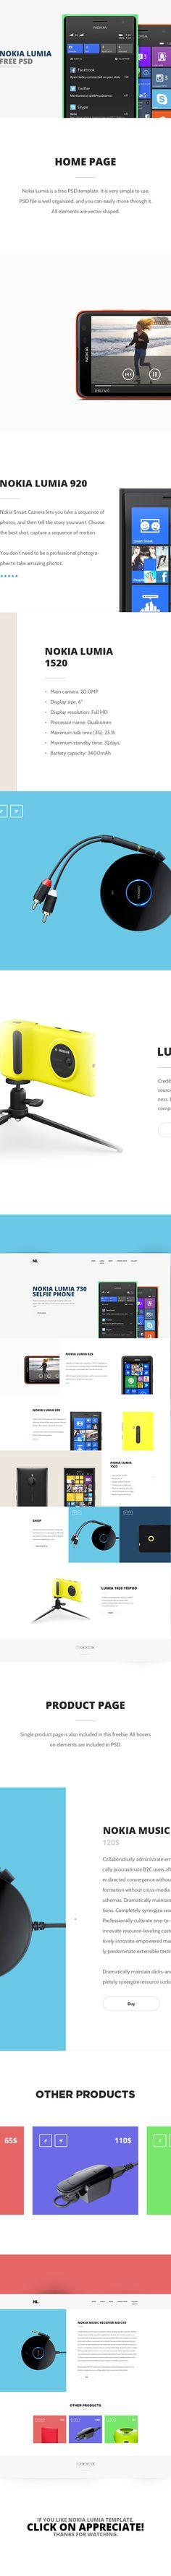 Nokia Lumia - free PSD